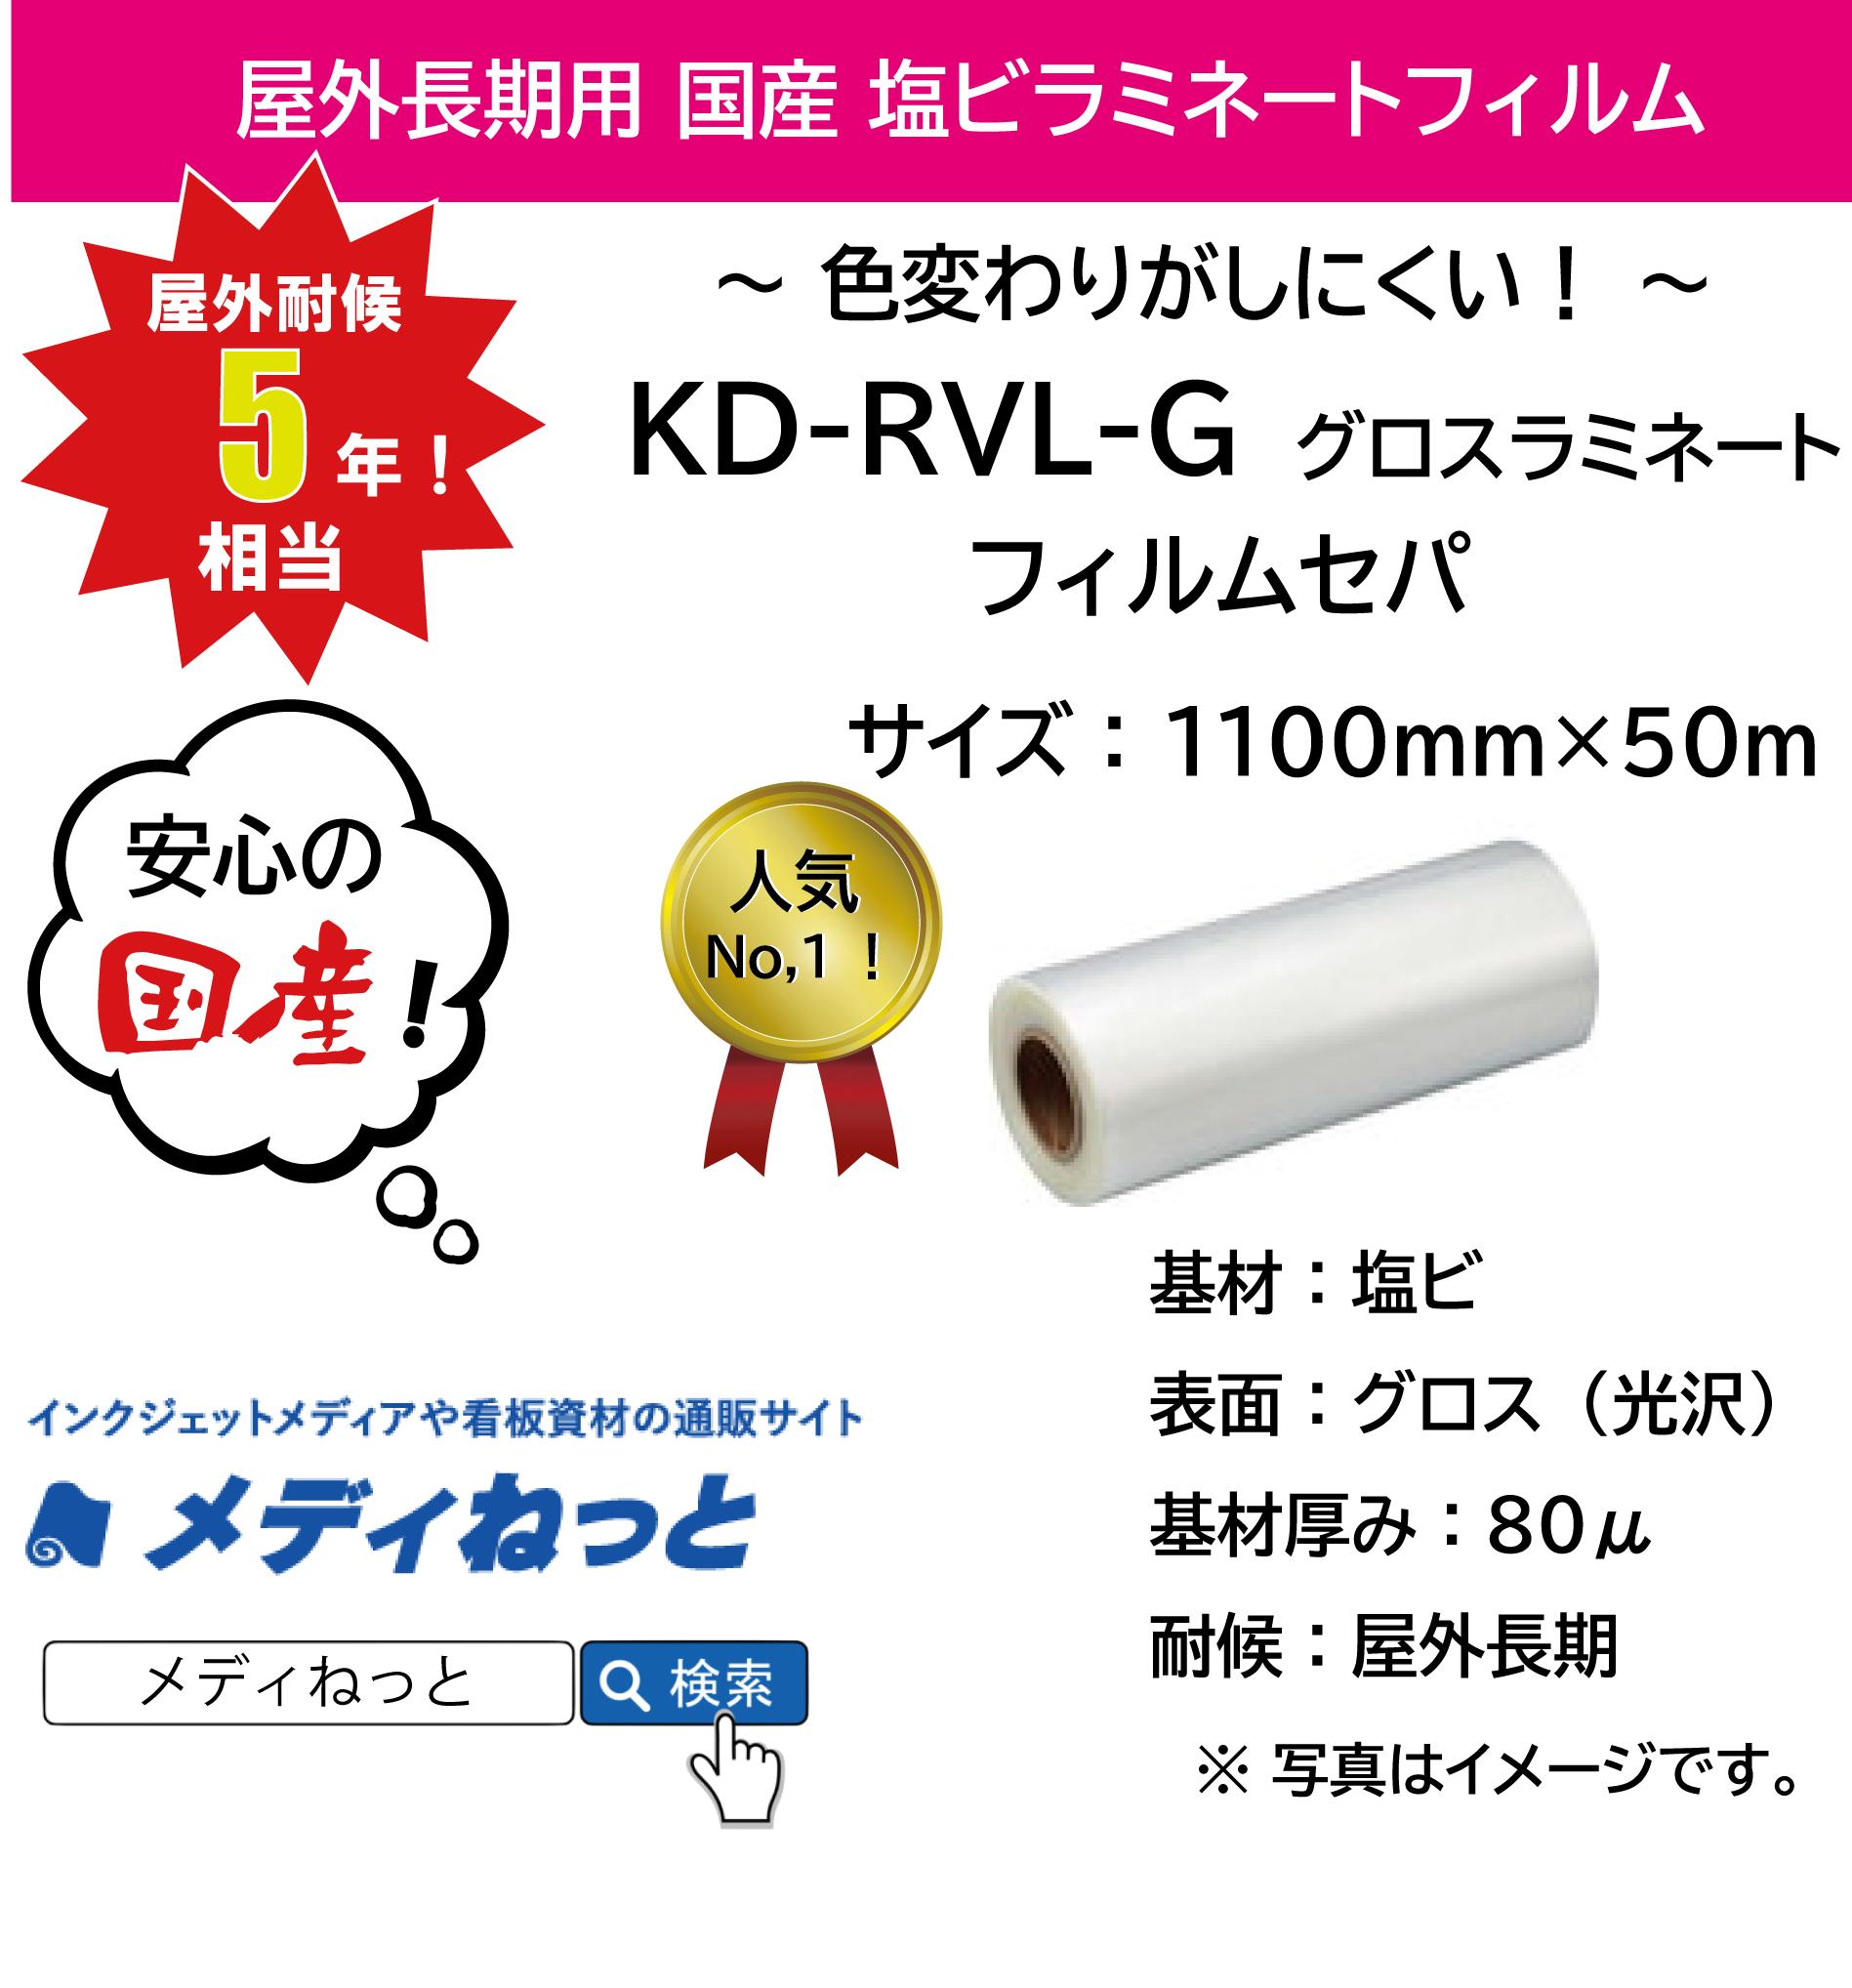 国産長期 KD-RVL-G(グロスラミネートフィルム) 1100mm×50m